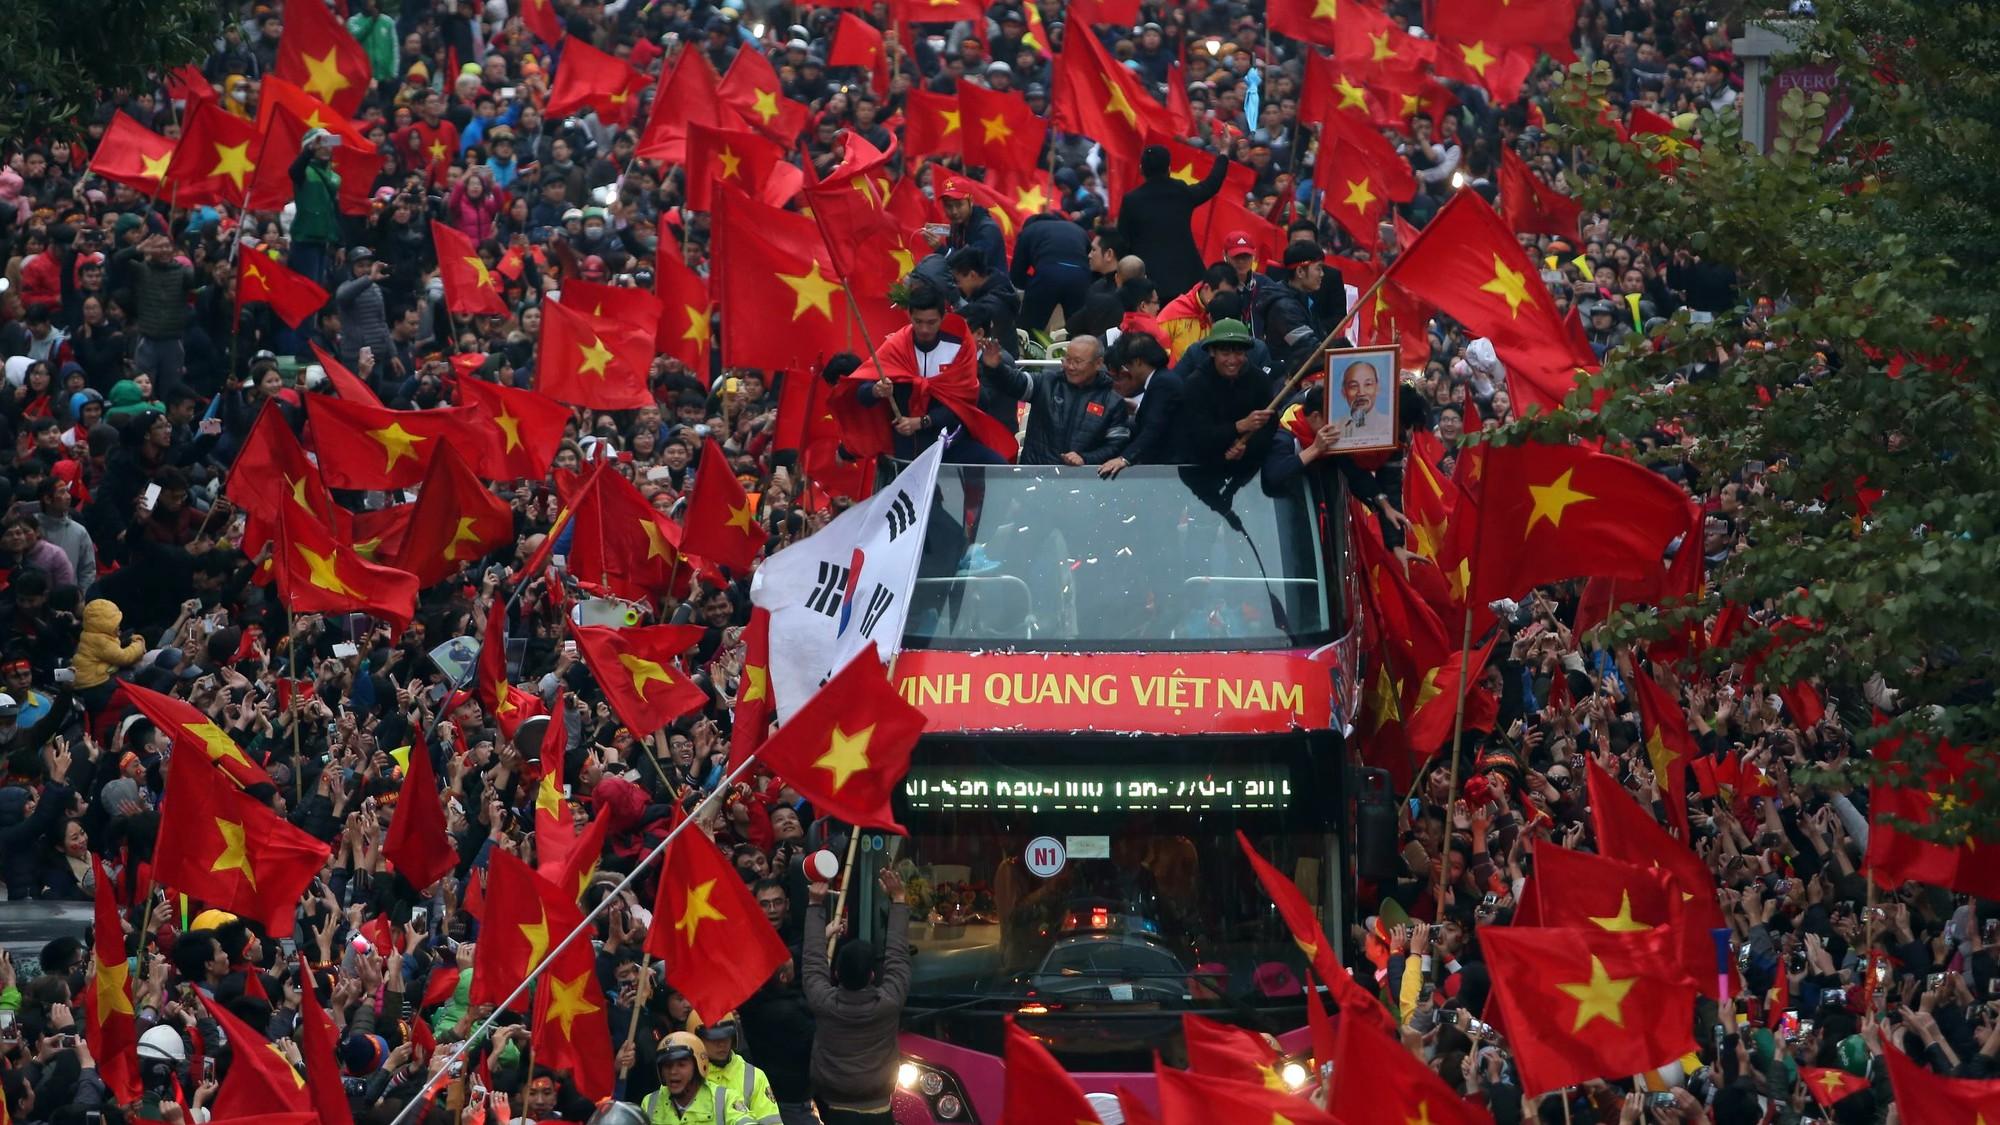 Thầy trò U23 Việt Nam viếng Lăng chủ tịch Hồ Chí Minh - Ảnh 1.